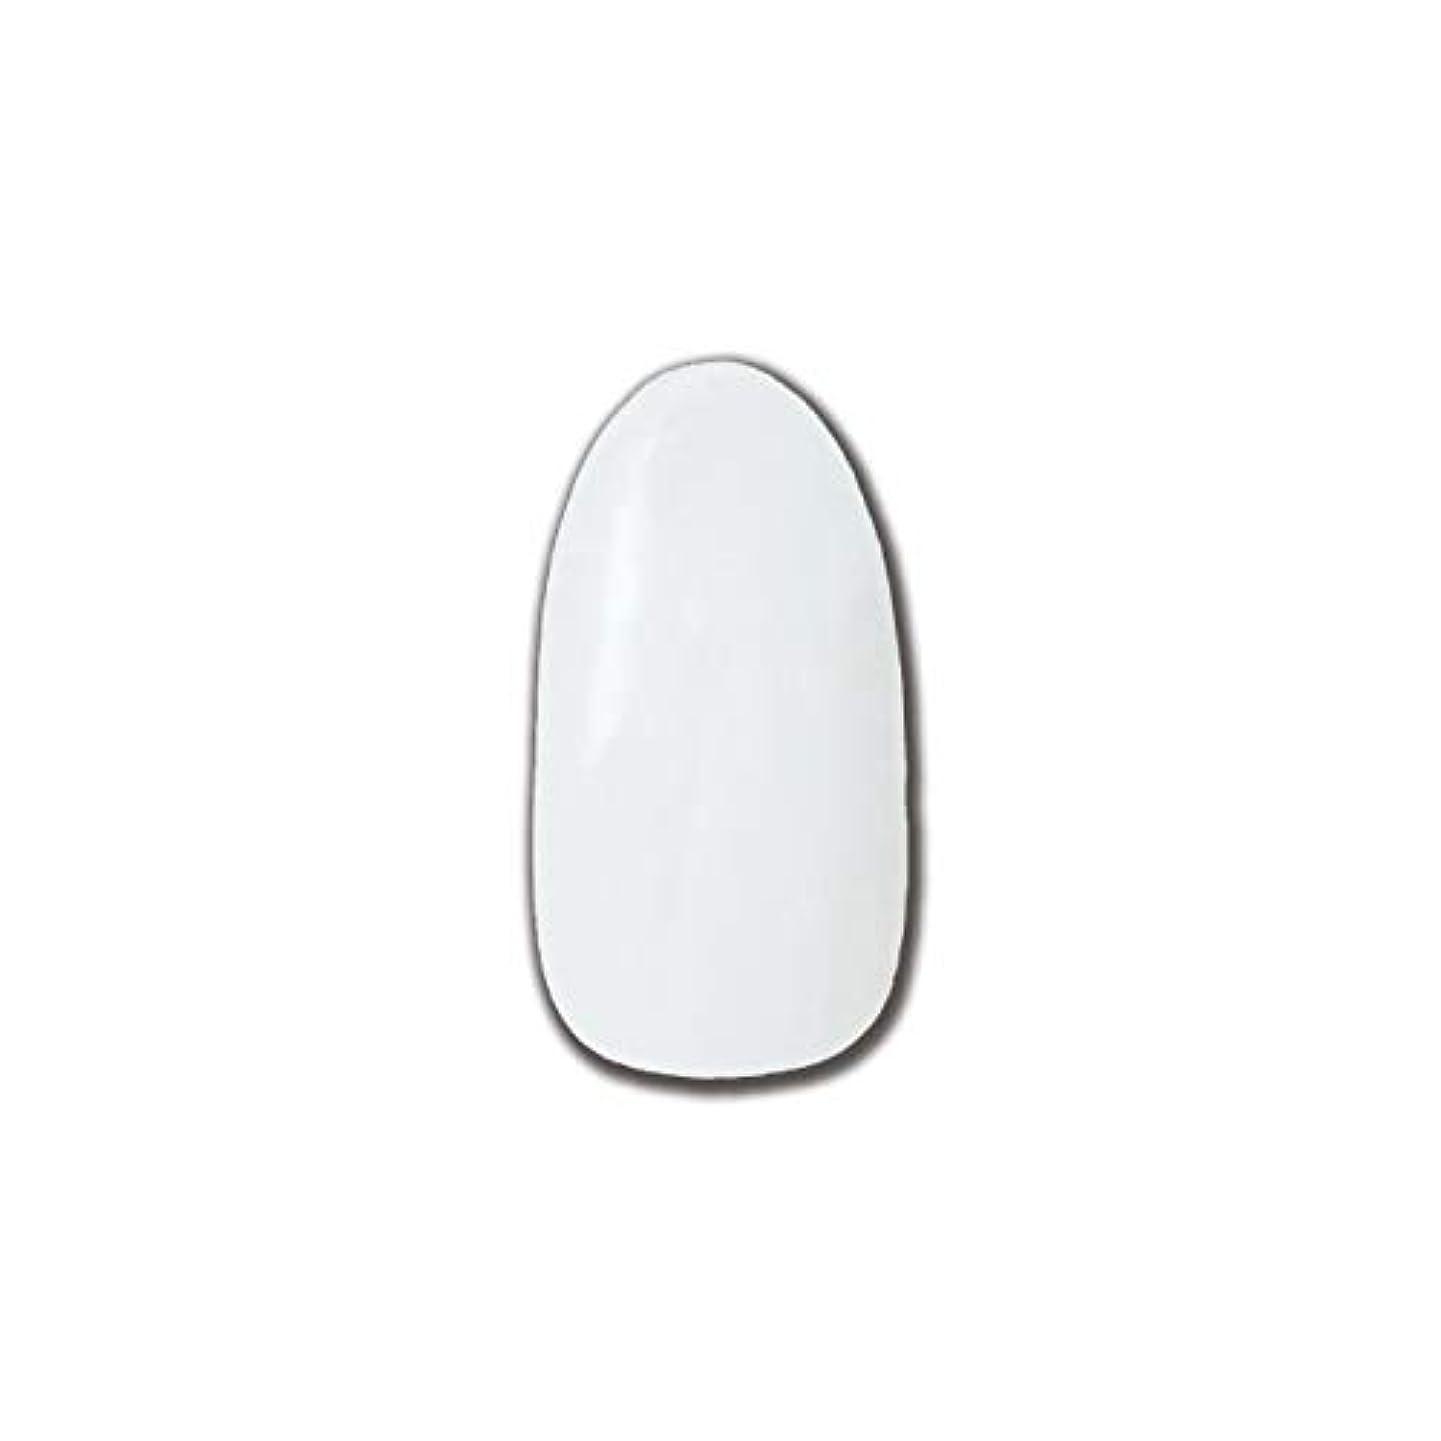 だますヒョウ削るT-GEL COLLECTION カラージェル D195 チタンホワイト 4ml